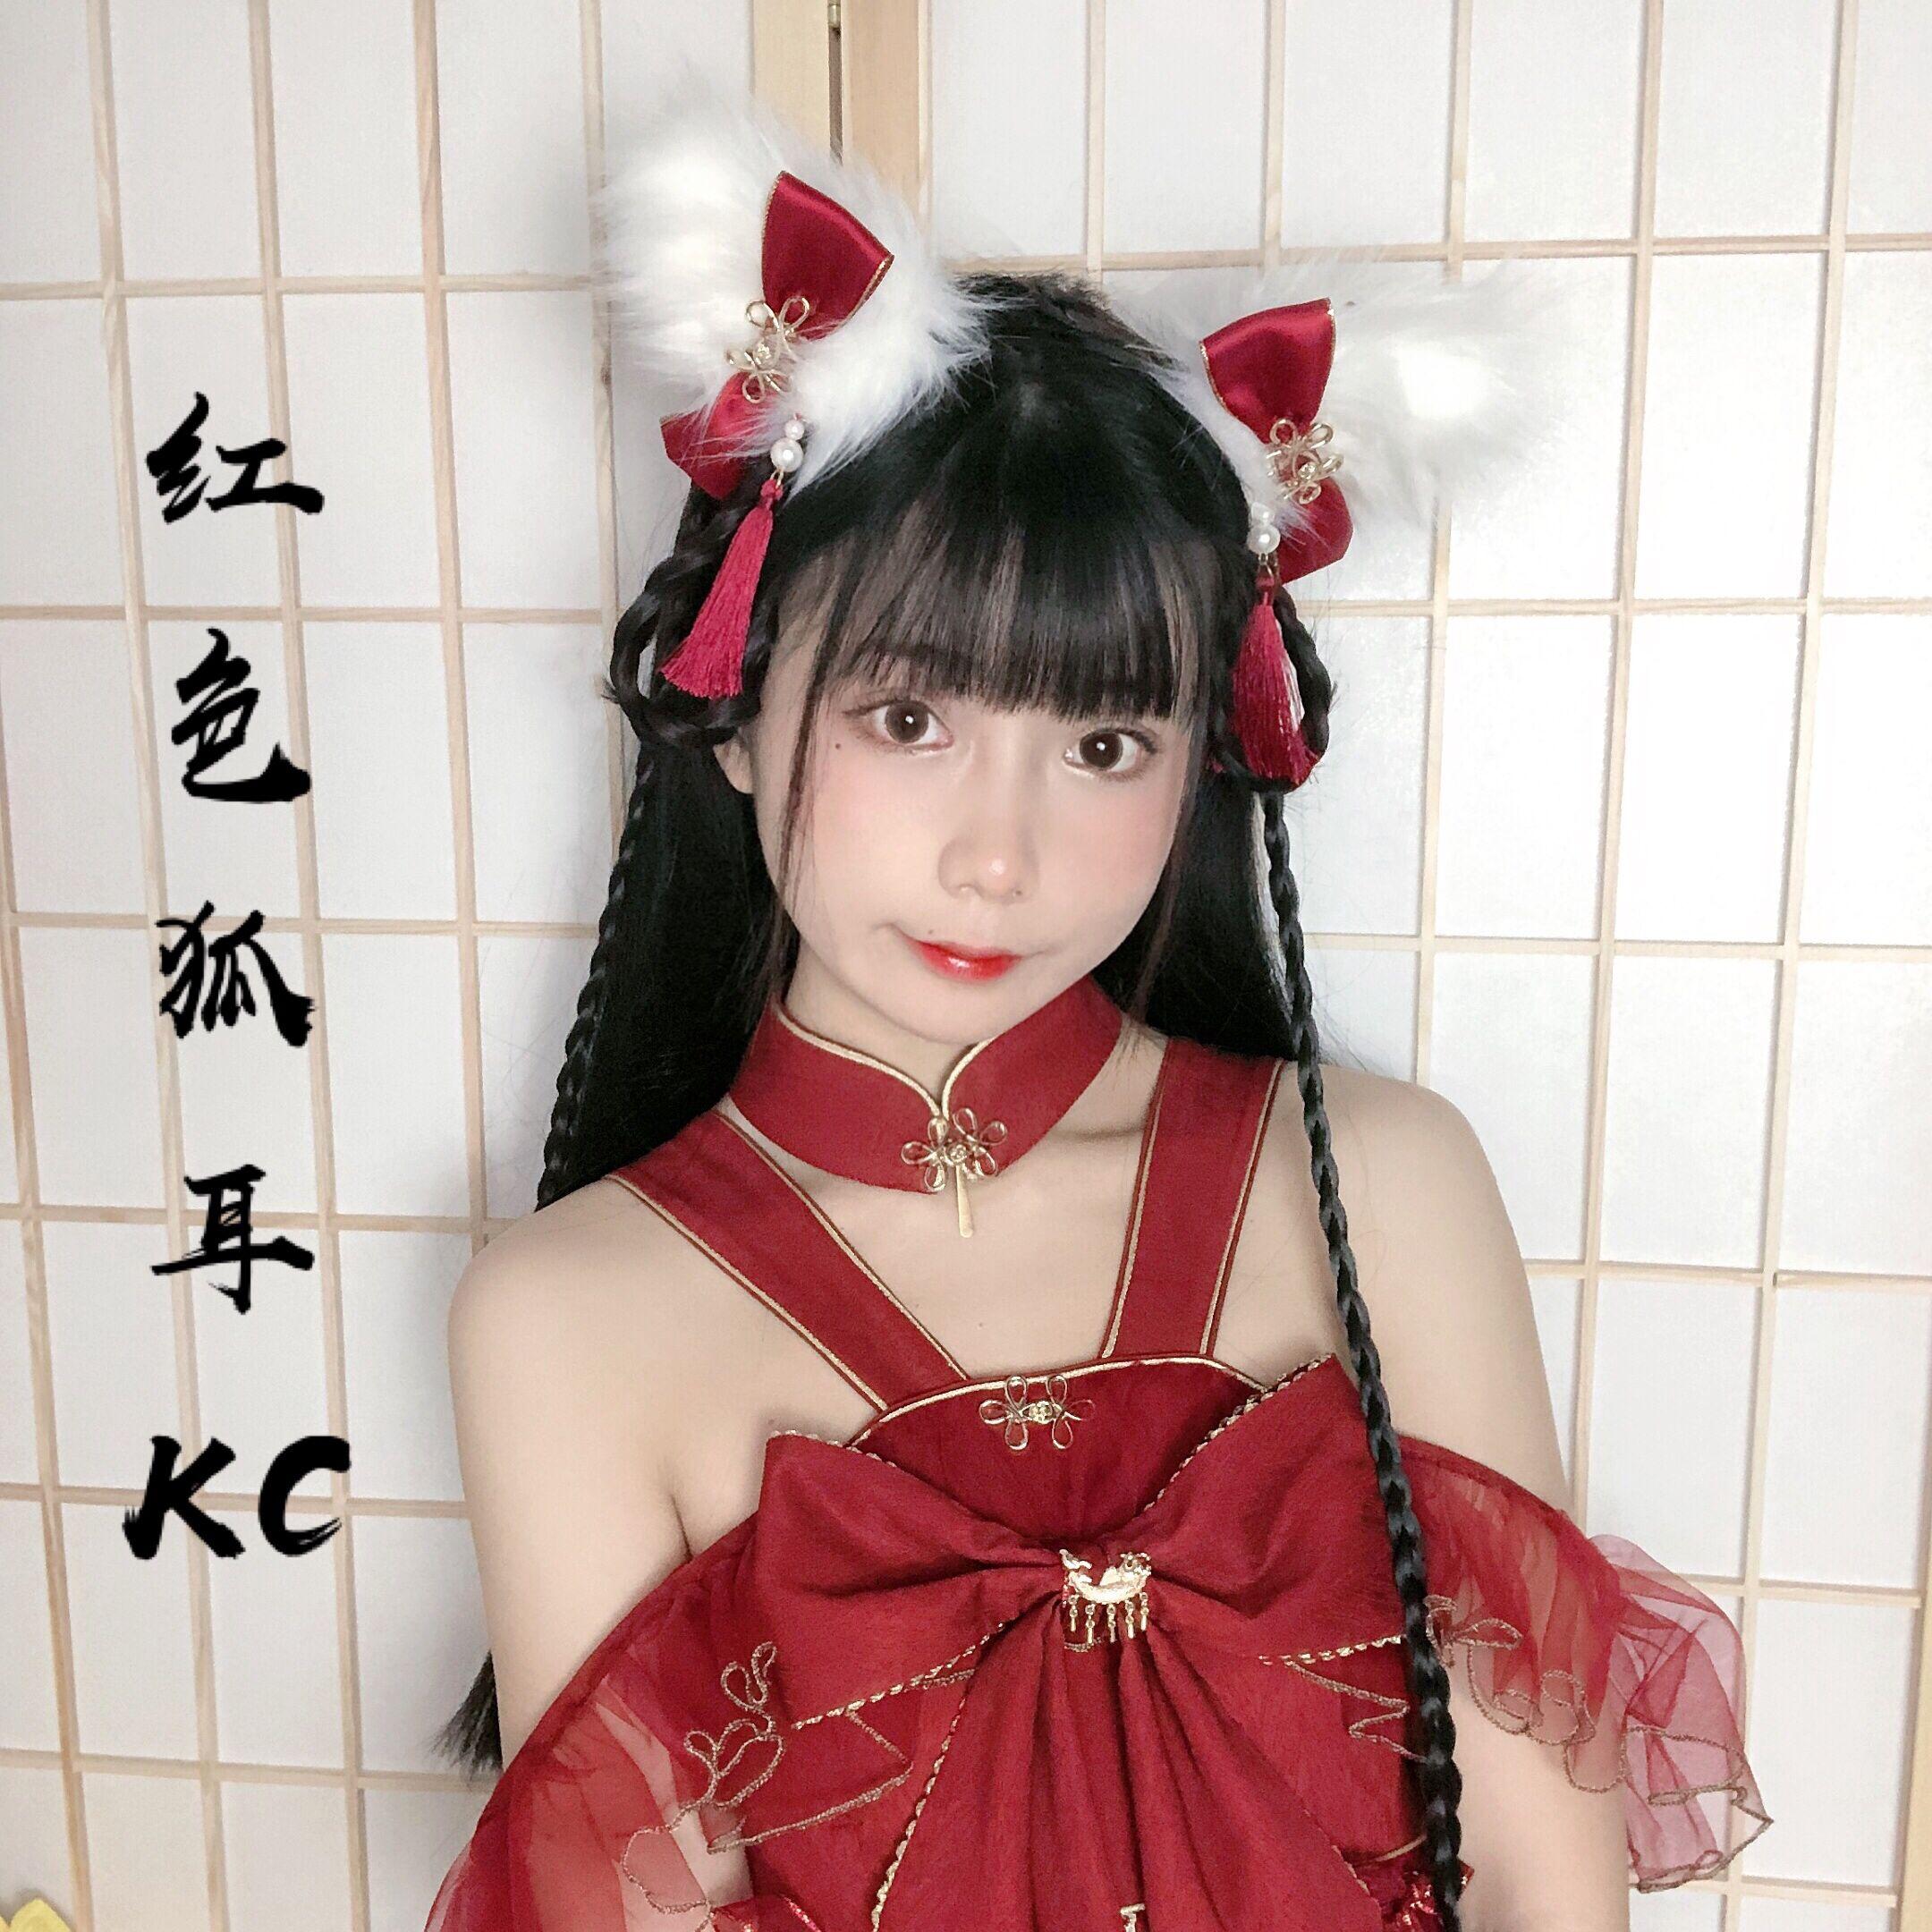 【三花猫lolitaオリジナル】青丘九尾小物補助ページで、予約金がないので、撮らないでください。